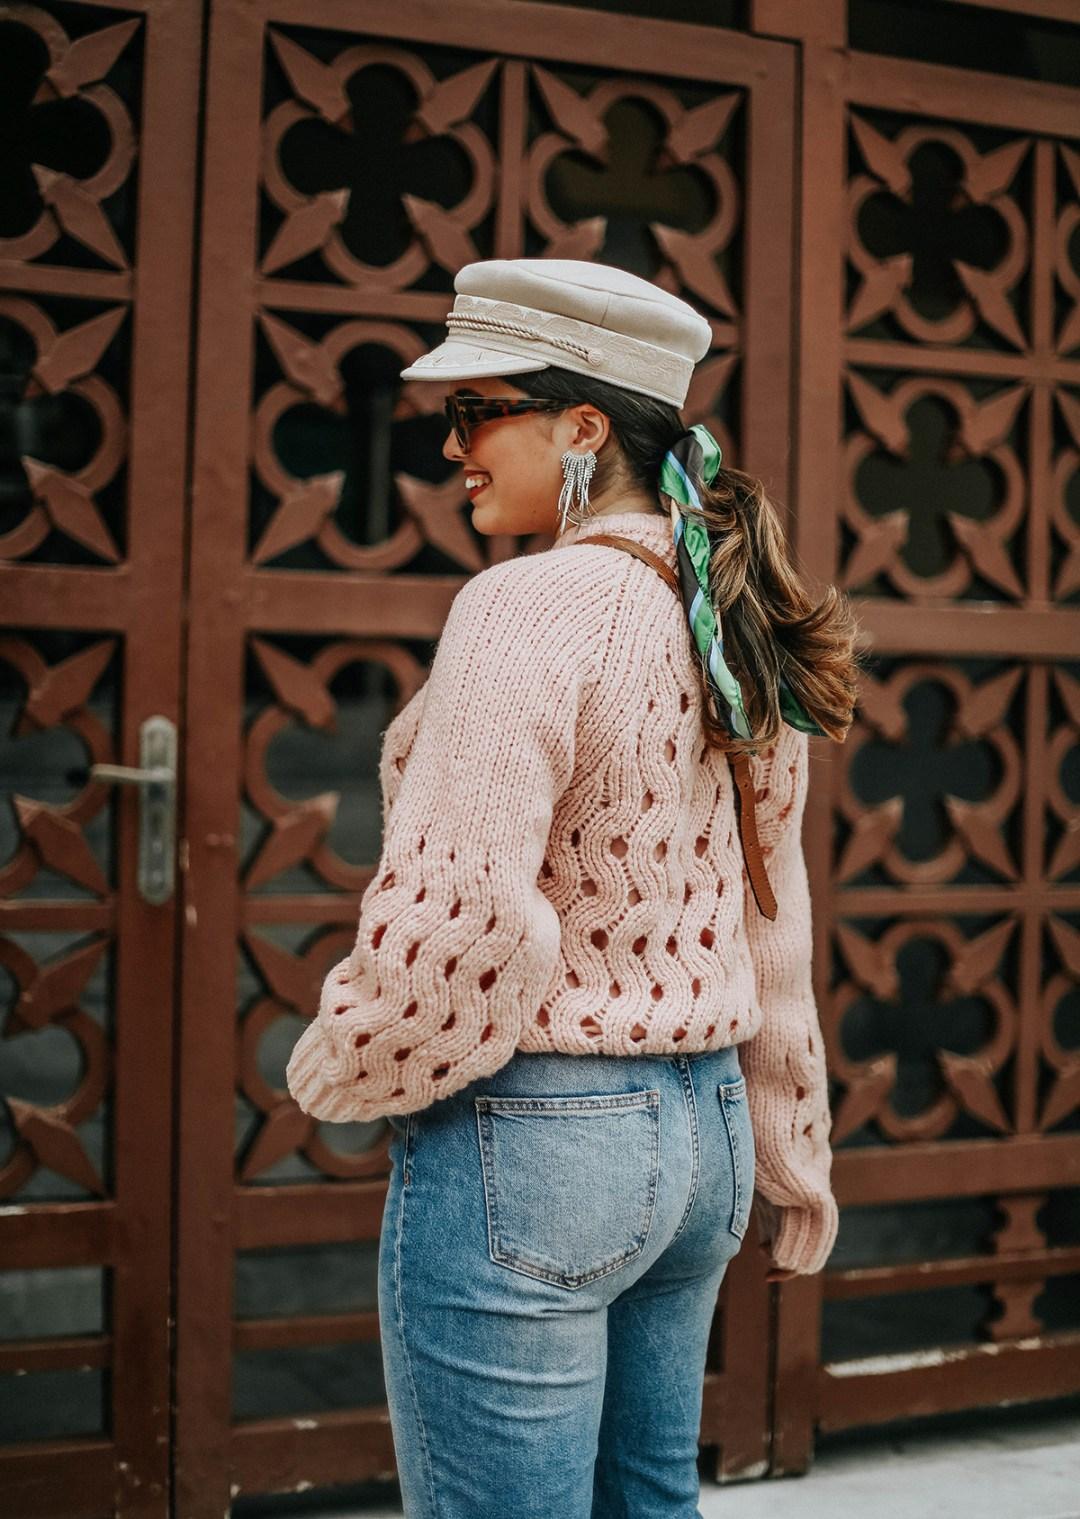 como-llevar-pañuelo-pelo-tendencia-2018-myblueberrynightsblog12